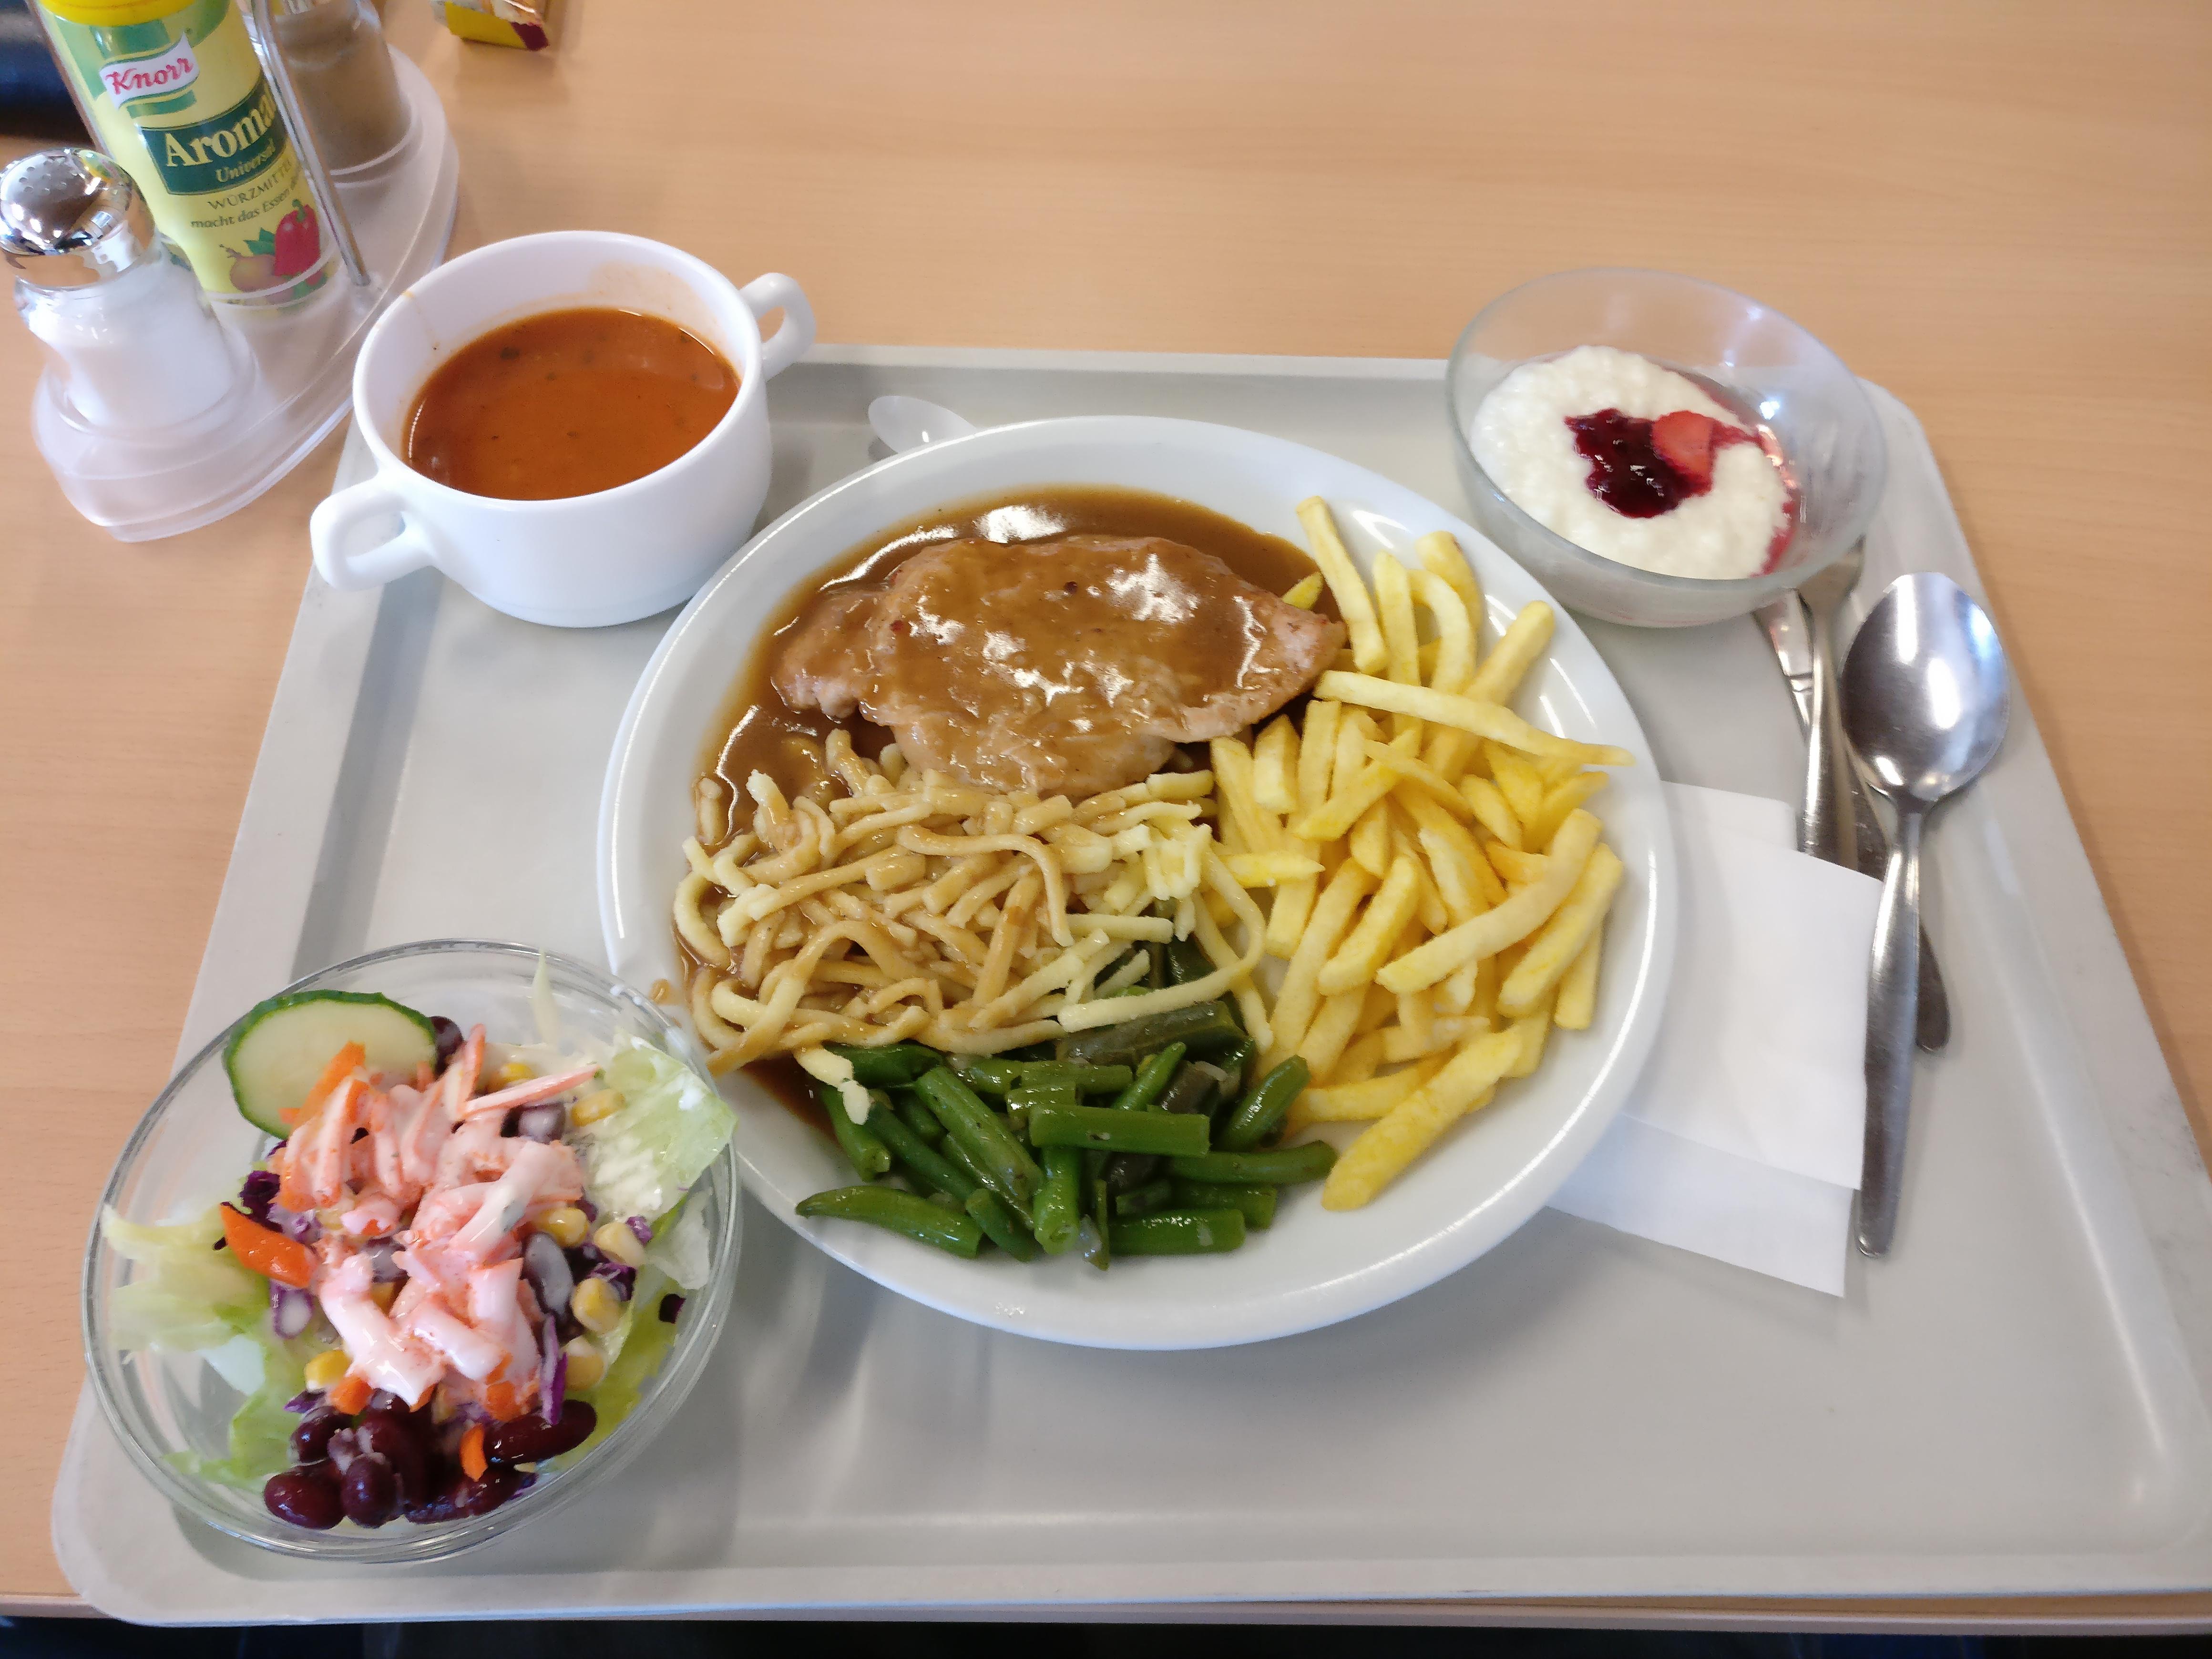 https://foodloader.net/nico_2017-03-30_pfeffersteak-spaetzle-pommes-bohnen-suppe-salat-nachtisch.jpg